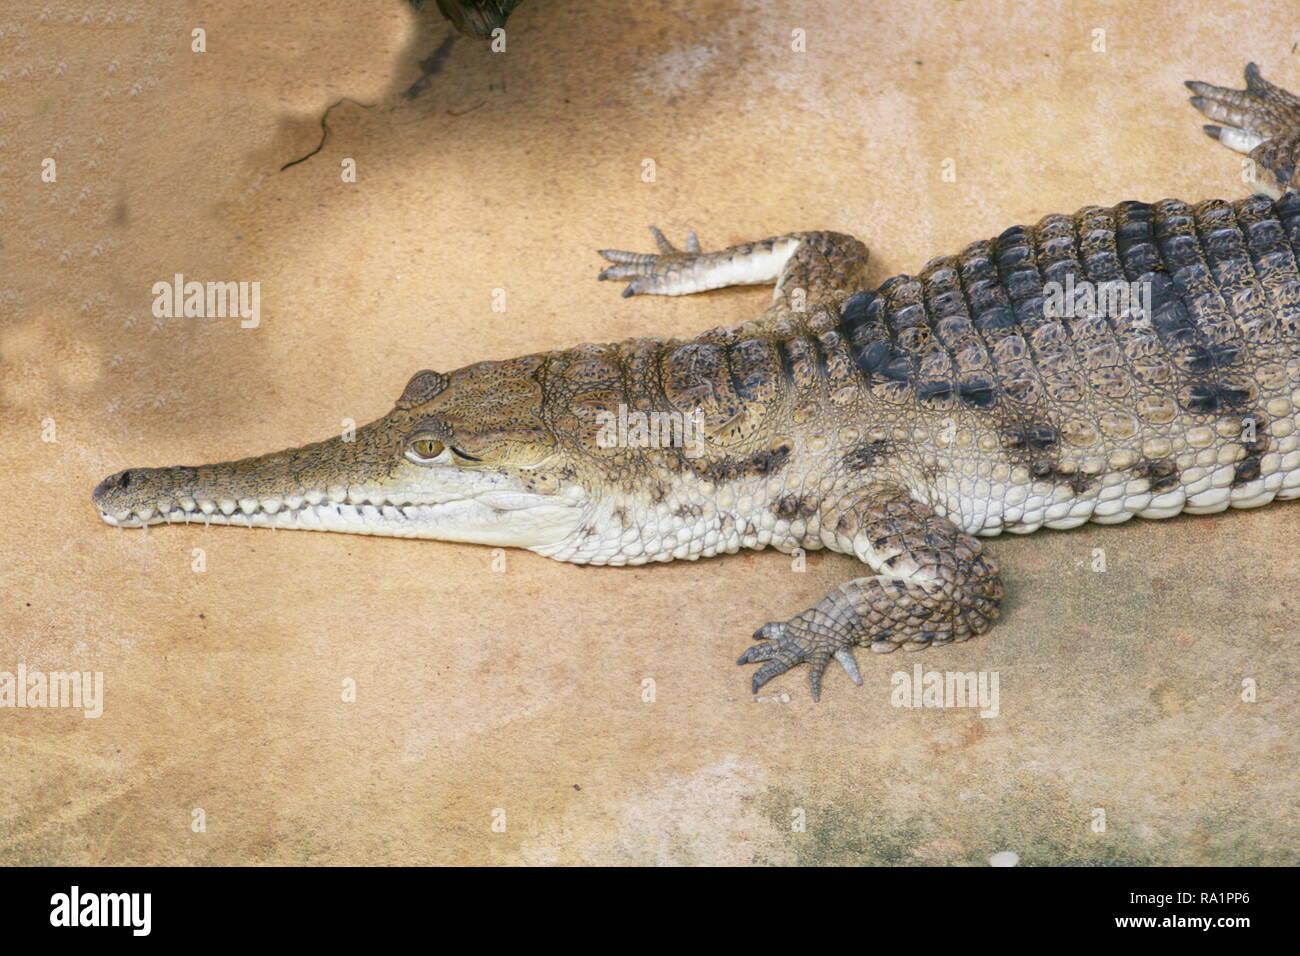 Detailansicht eines Krokodils auf dem Wasser lauwarm Gesten Stockbild